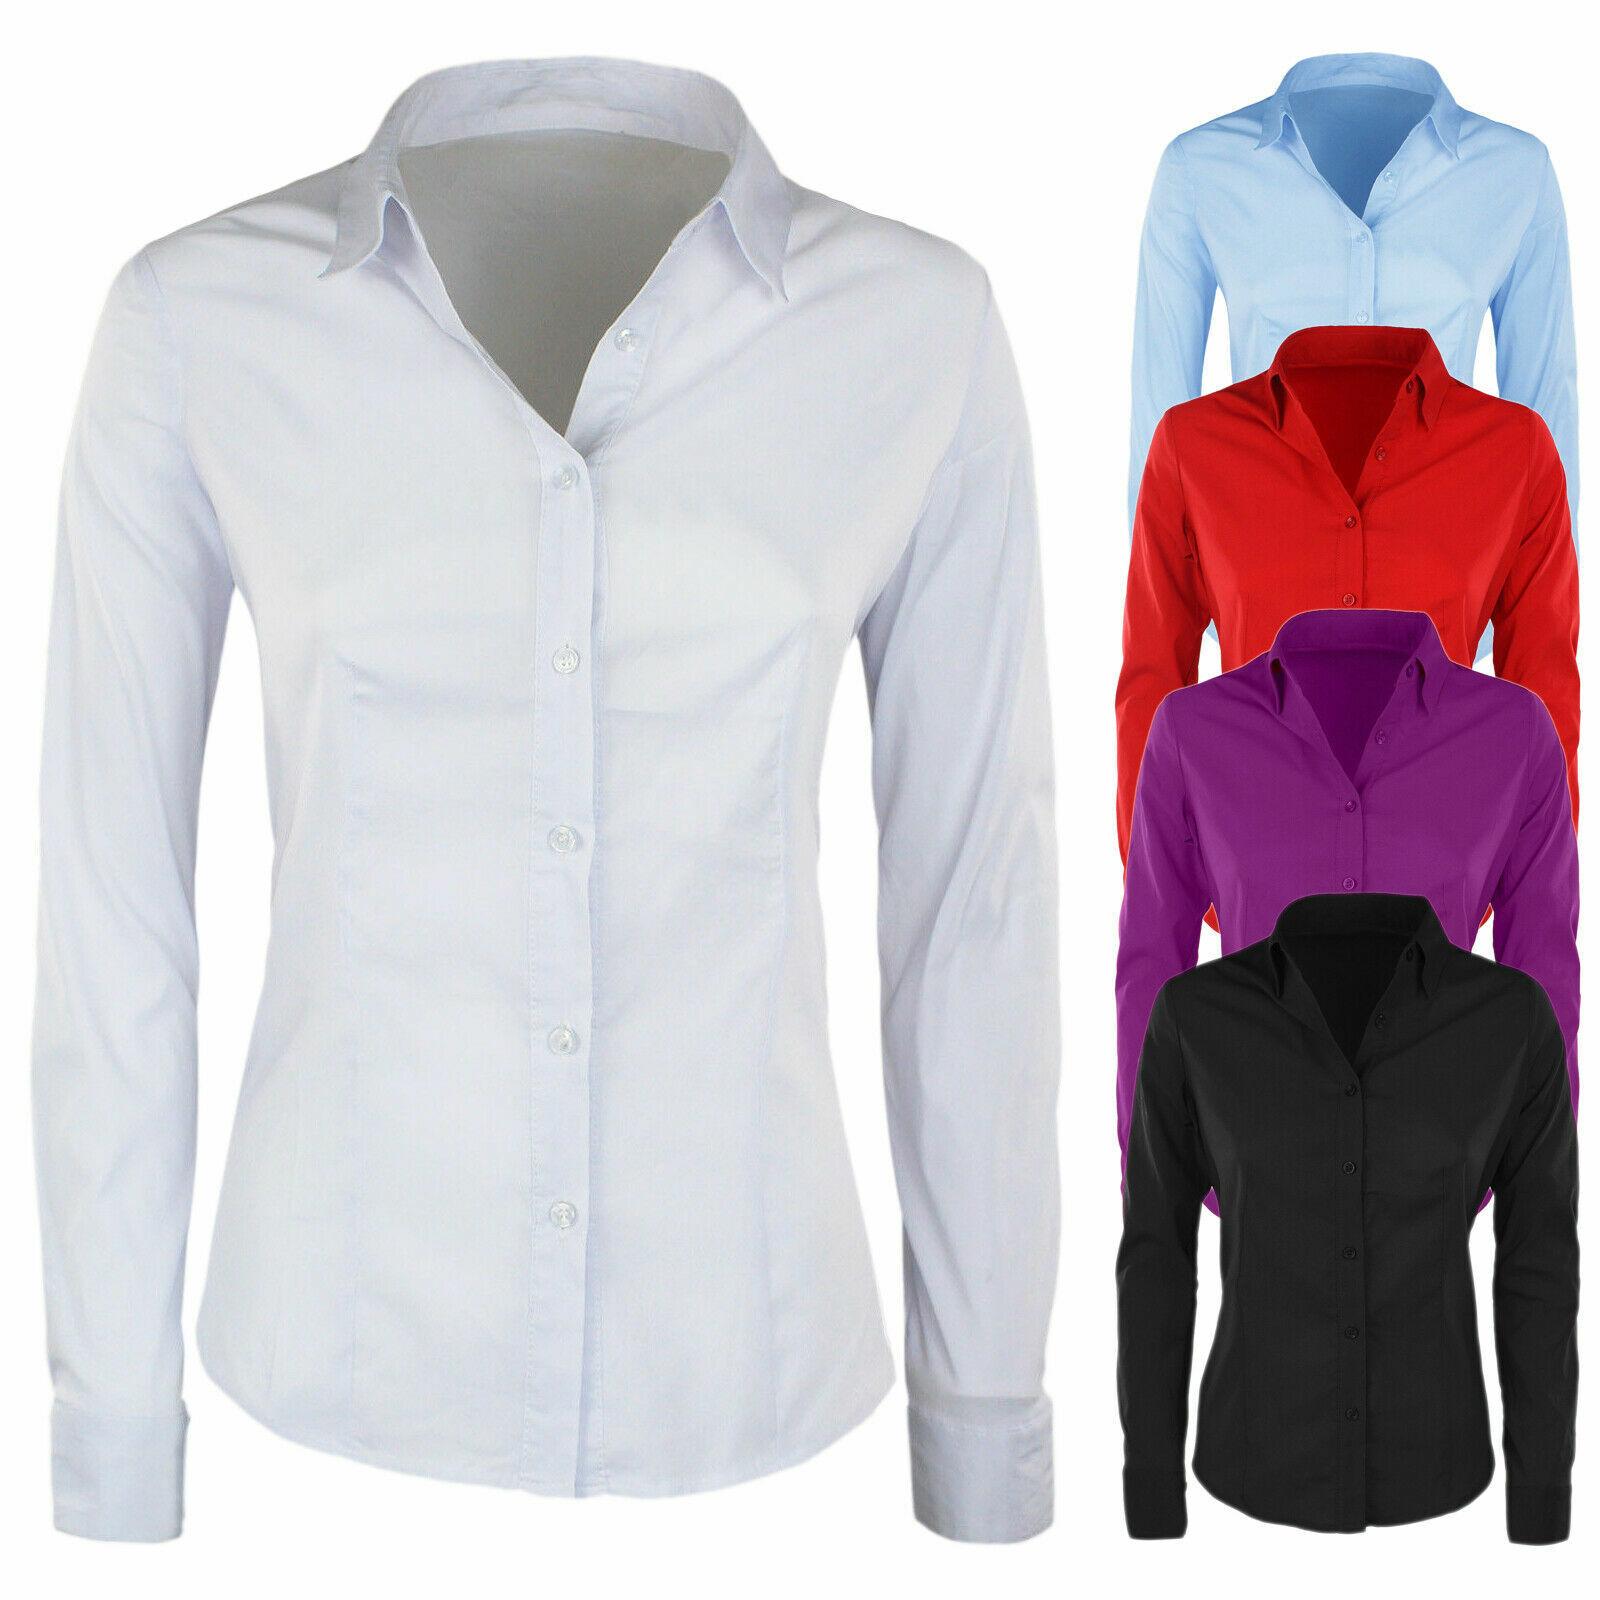 Camicia Donna Slim Fit Manica Lunga Aderente Camicetta Cotone Casual Vari Colori